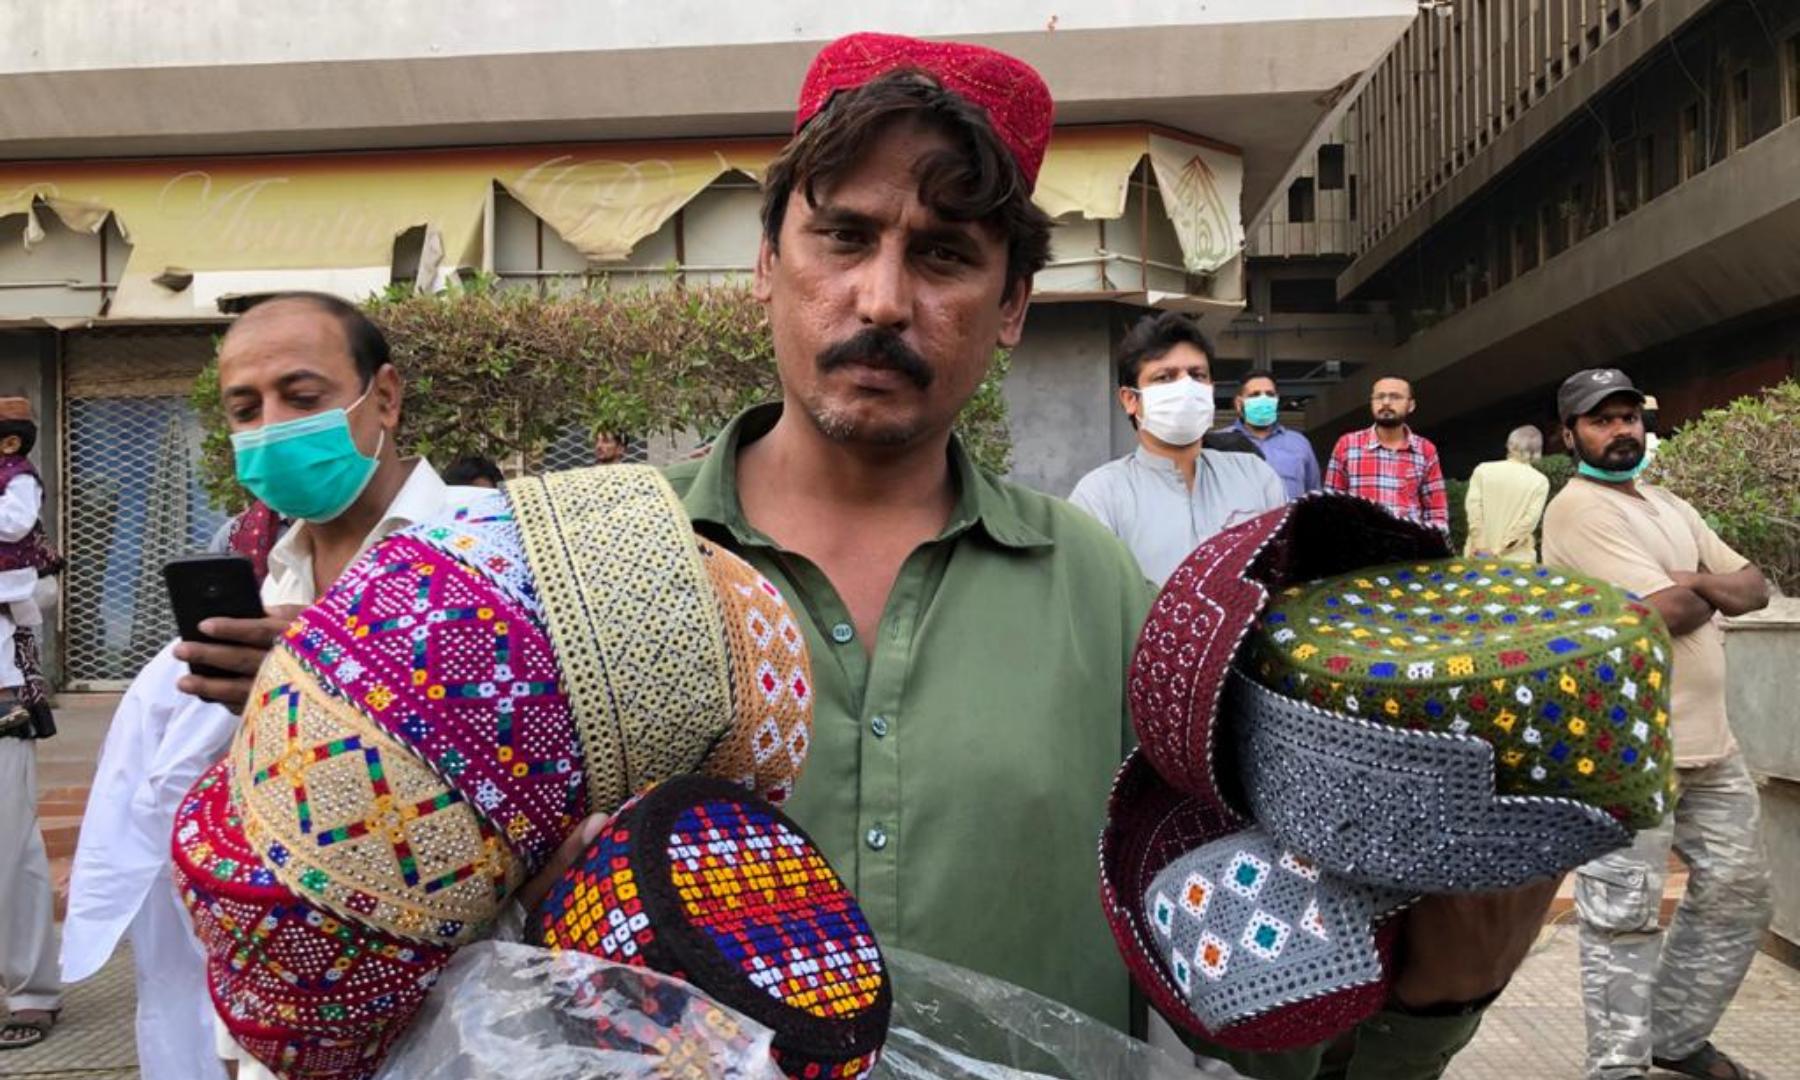 کراچی میں سندھی کلچر ڈے کے موقع پر سندھی ٹوپی کی فروخت میں بھی اضافہ ہوا—فوٹو: امتیاز علی